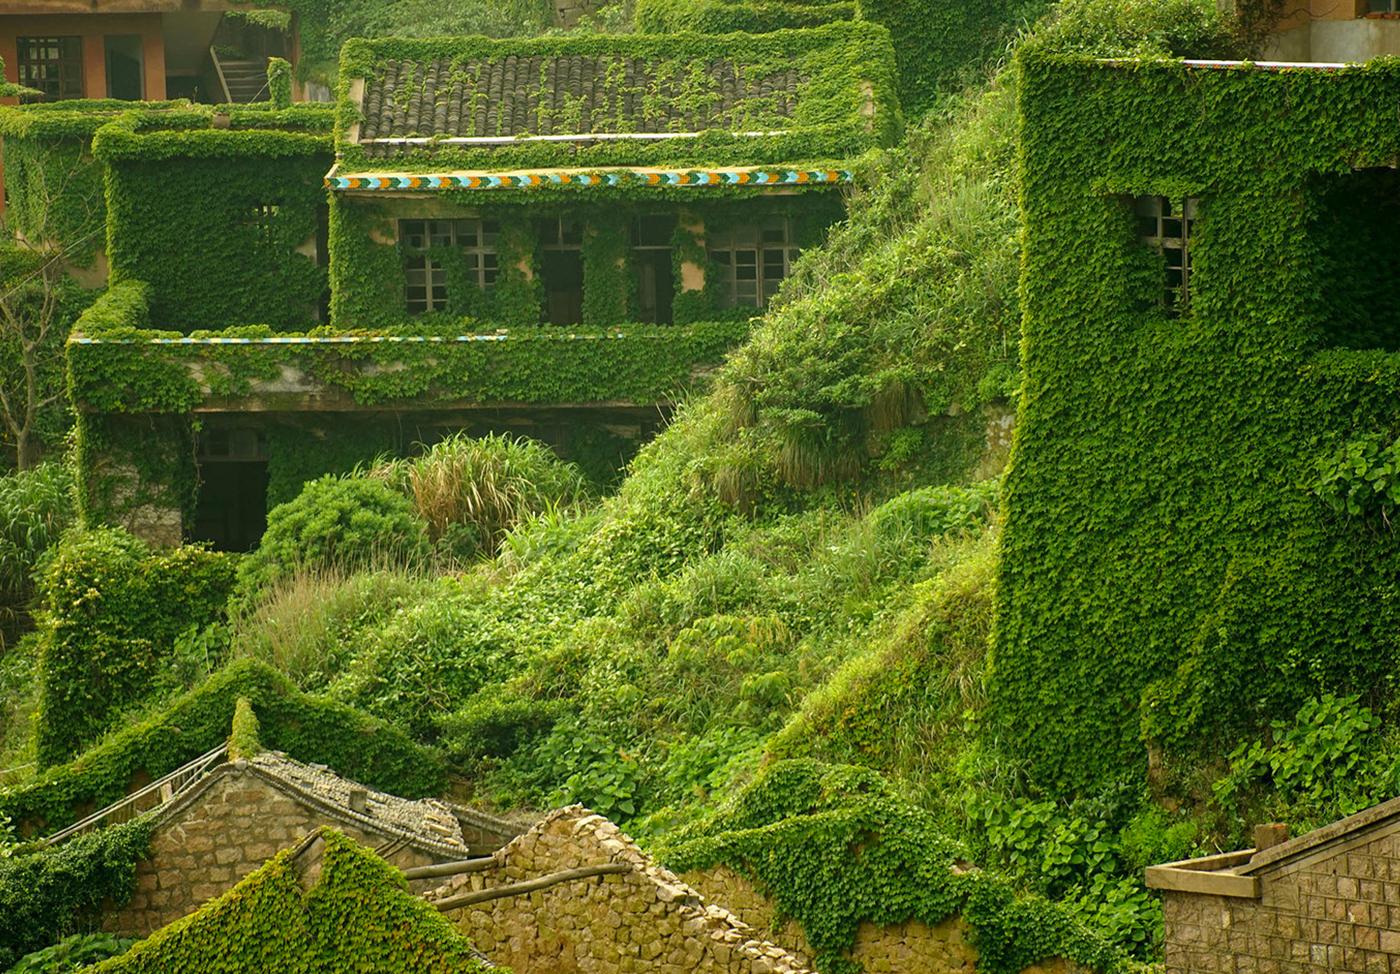 Houtou-Wan-Gouqi-Island-Cina